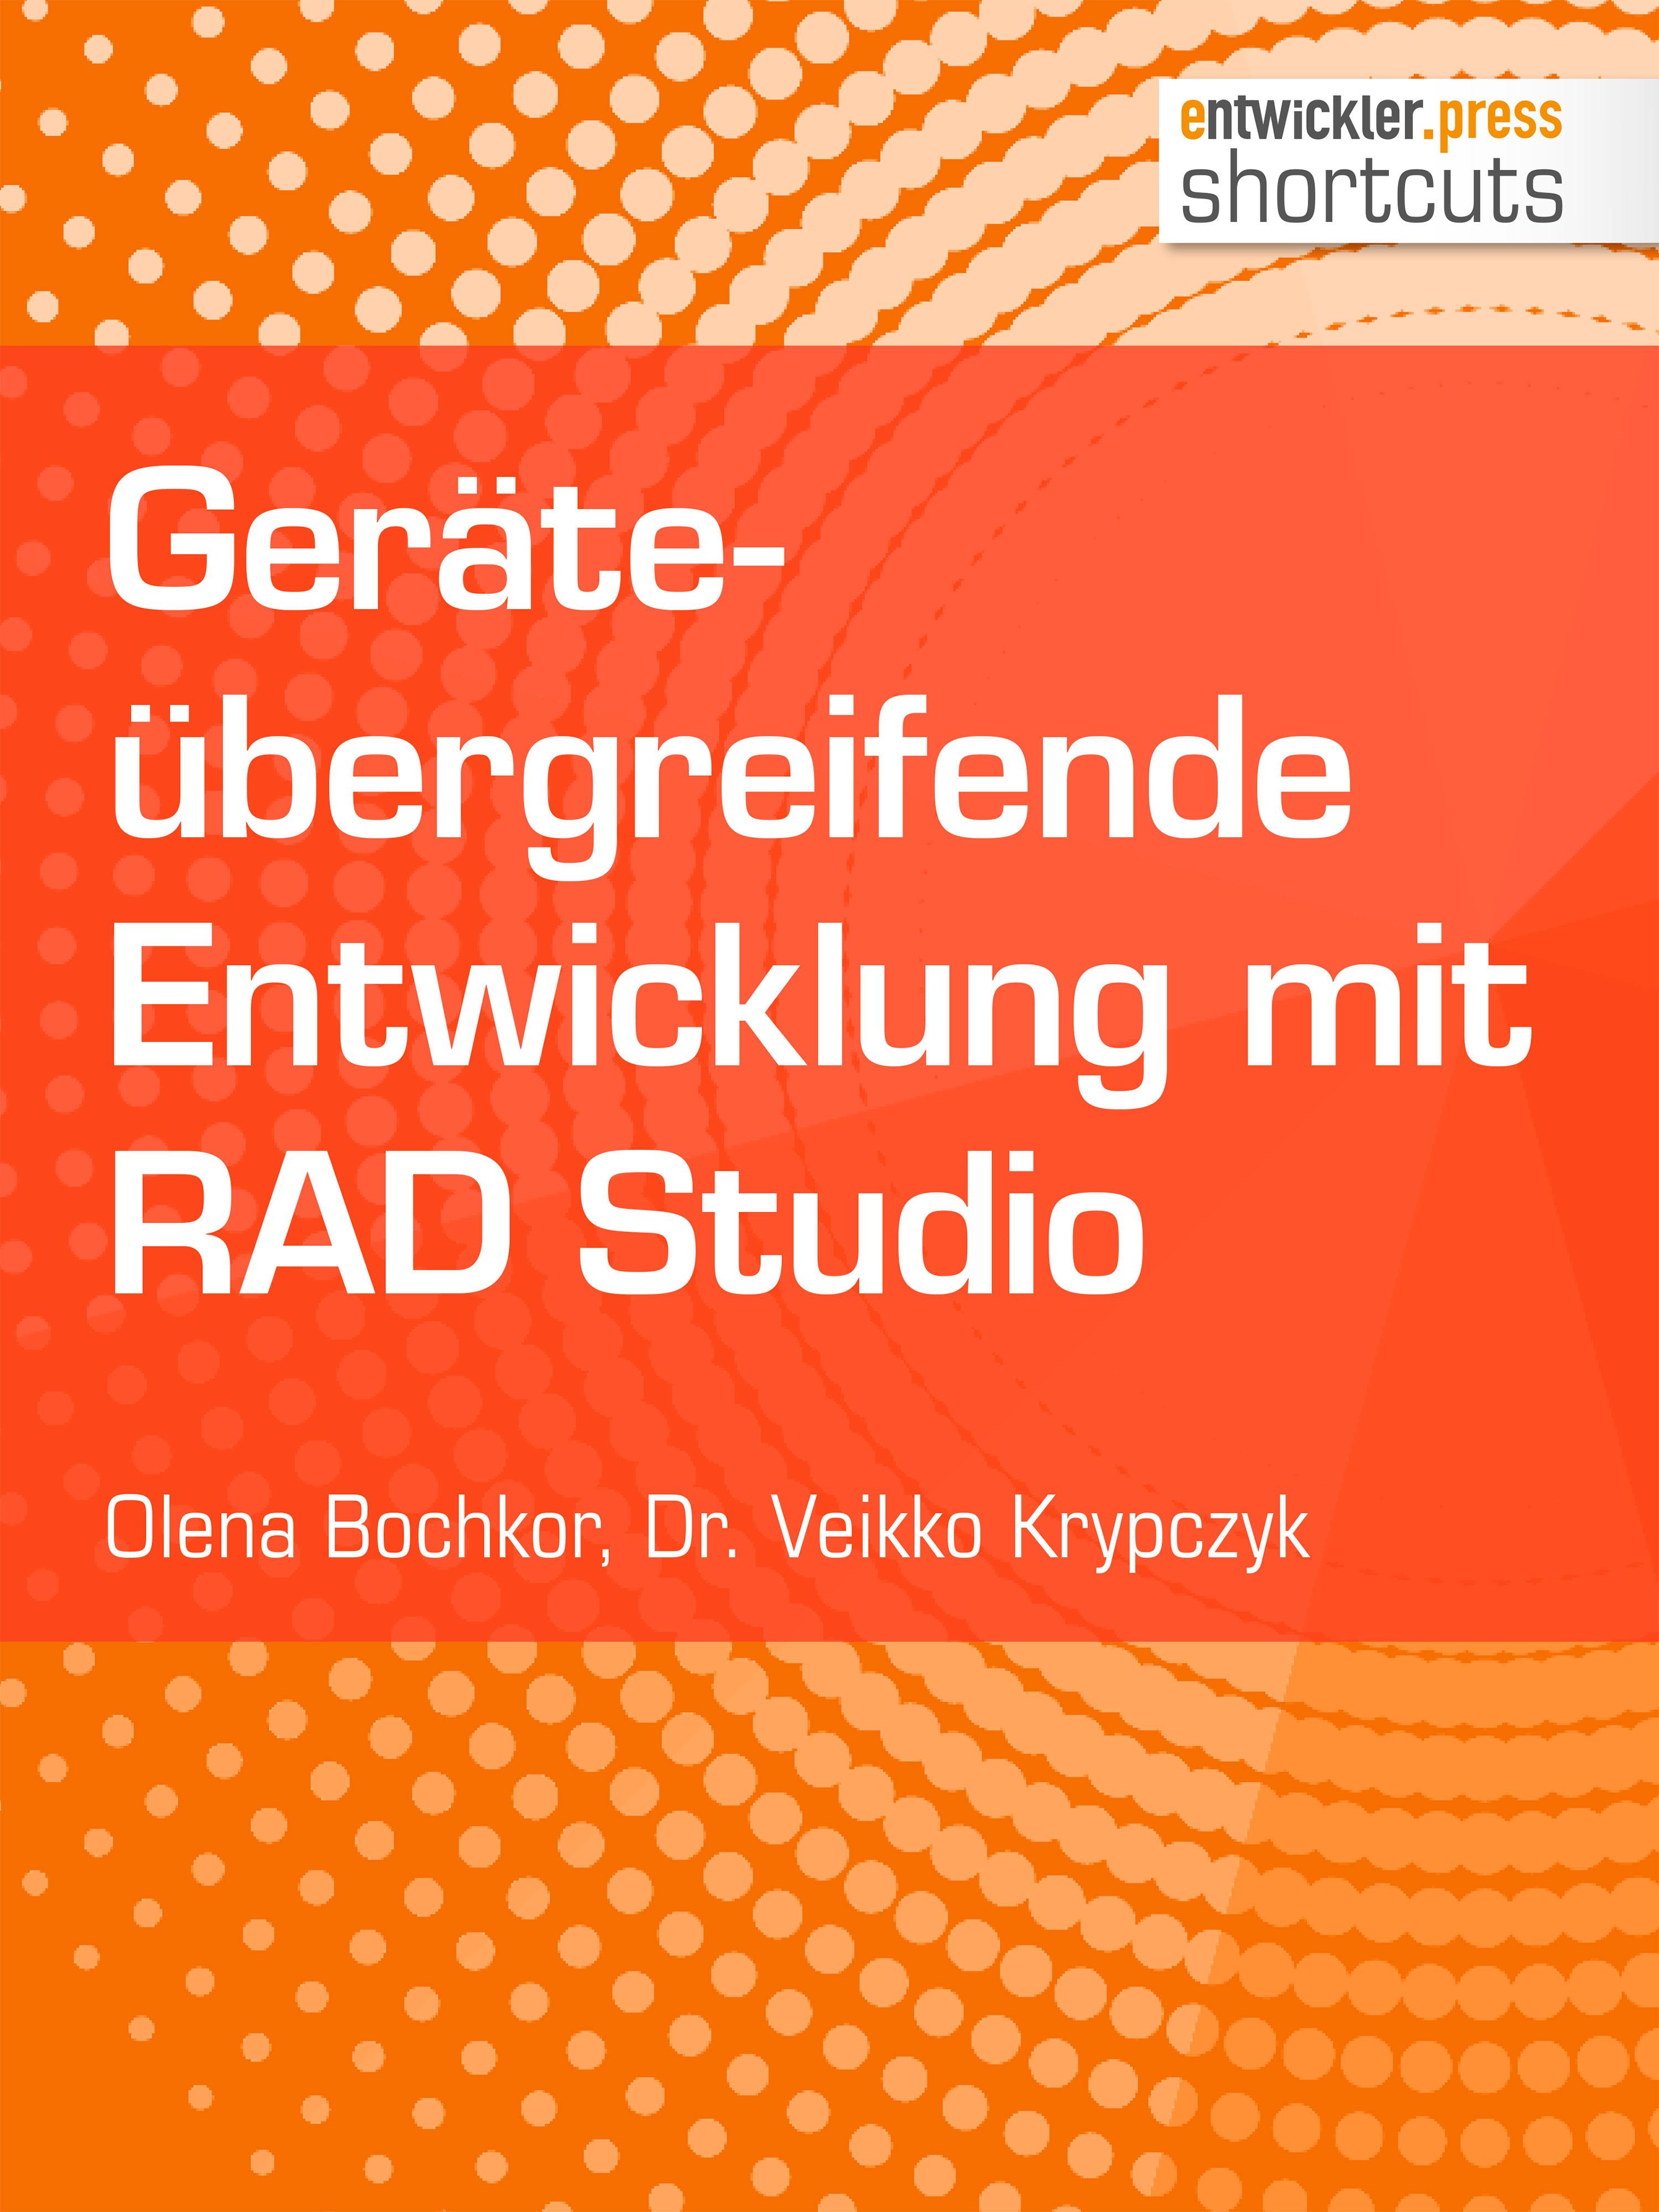 Olena Bochkor Geräteübergreifende Entwicklung mit RAD Studio dimitar menkov entwicklung eines tutorials fur xquery